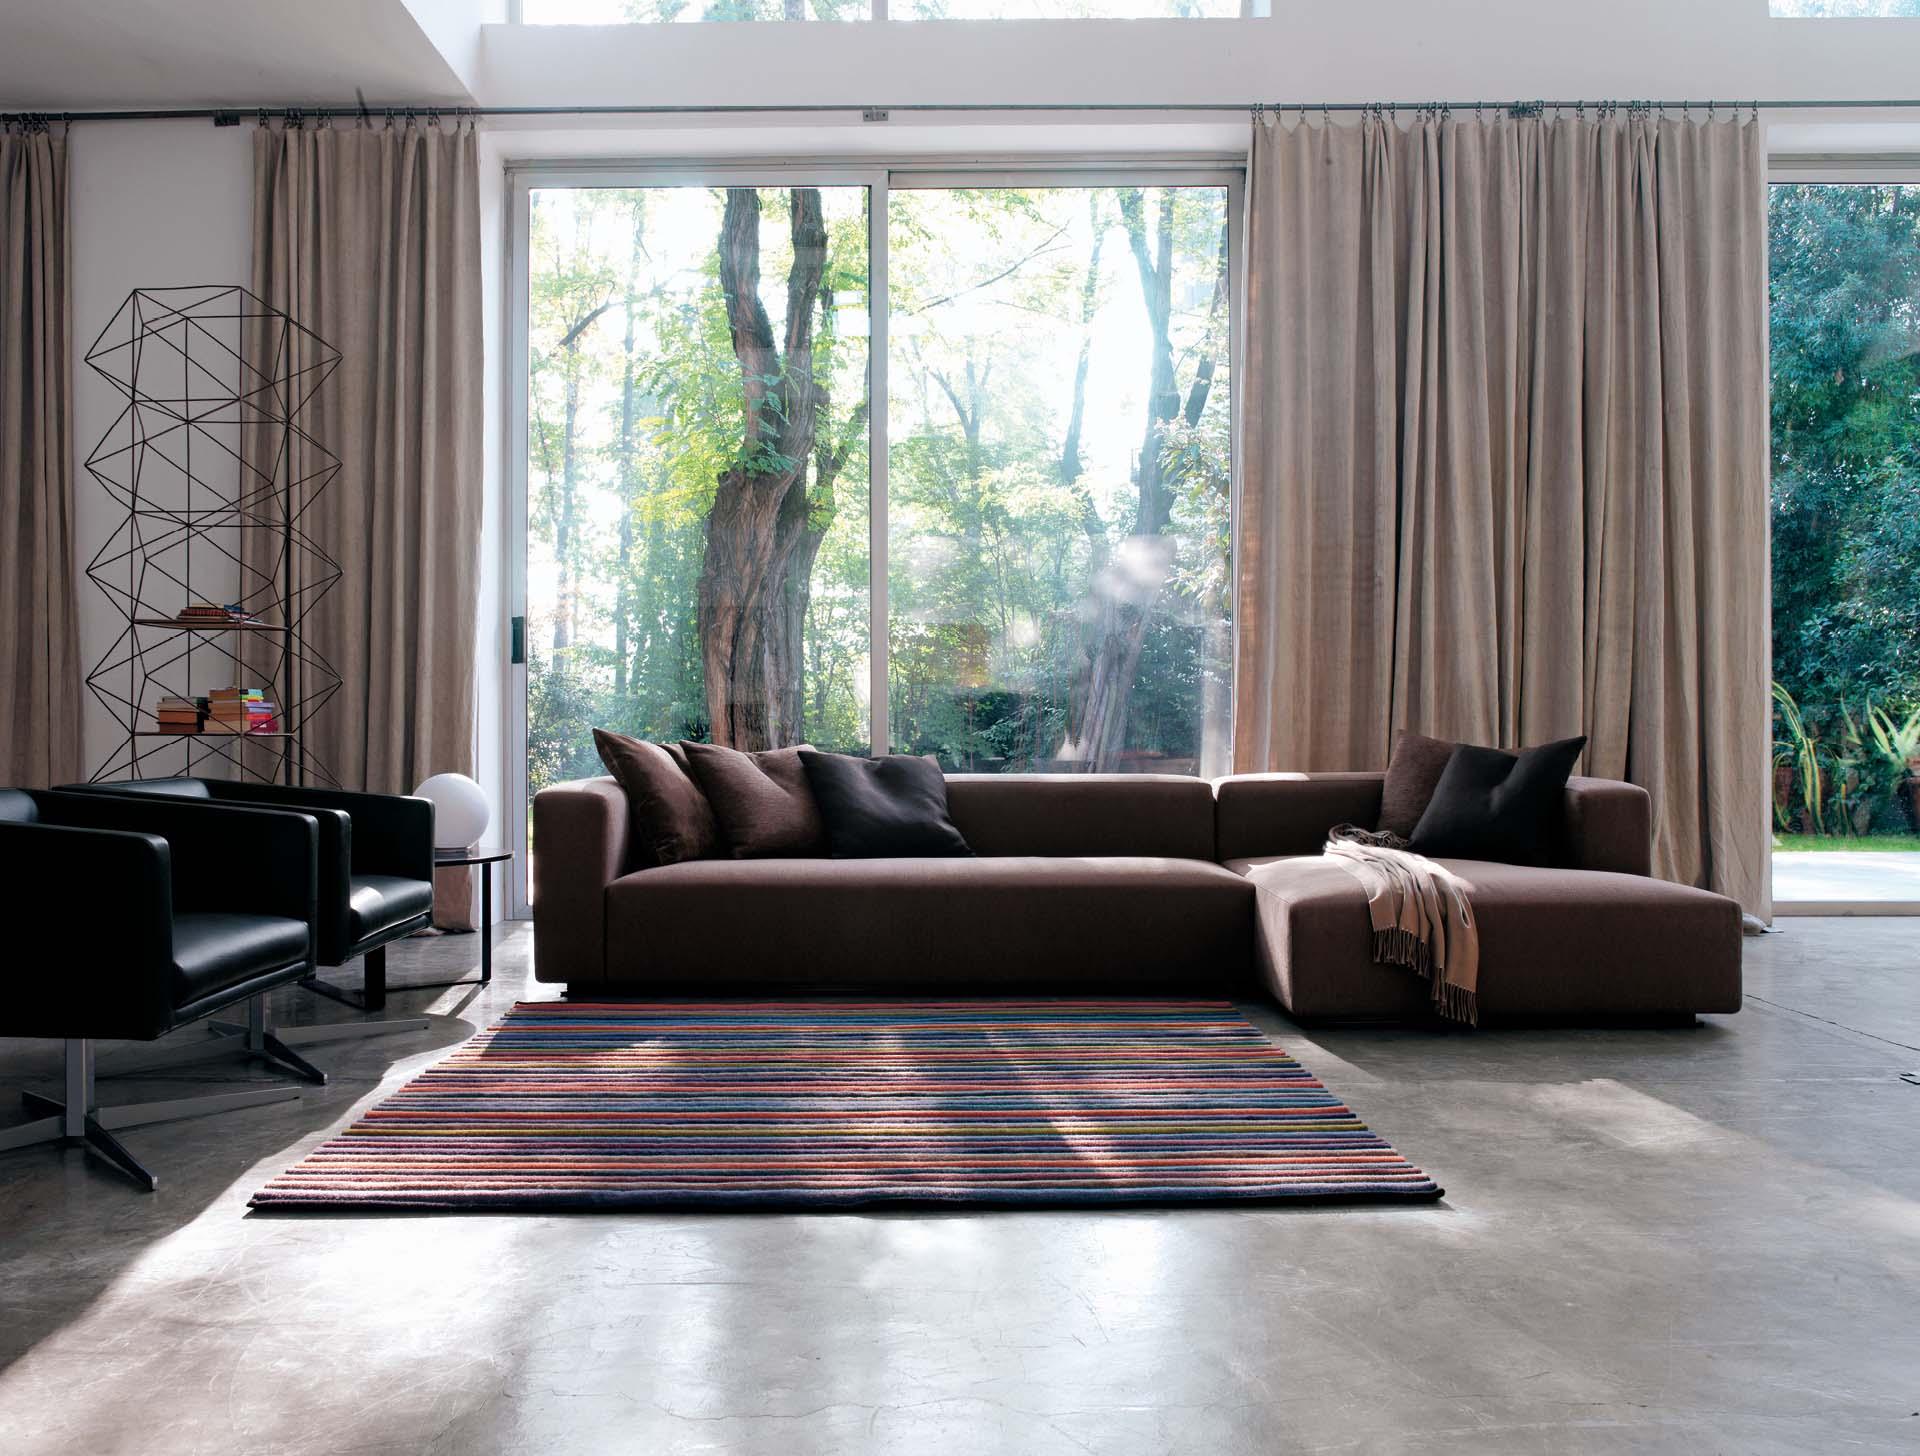 Poltrone e sofa in piemonte opinioni poltronesof e for Diotti arredamenti opinioni